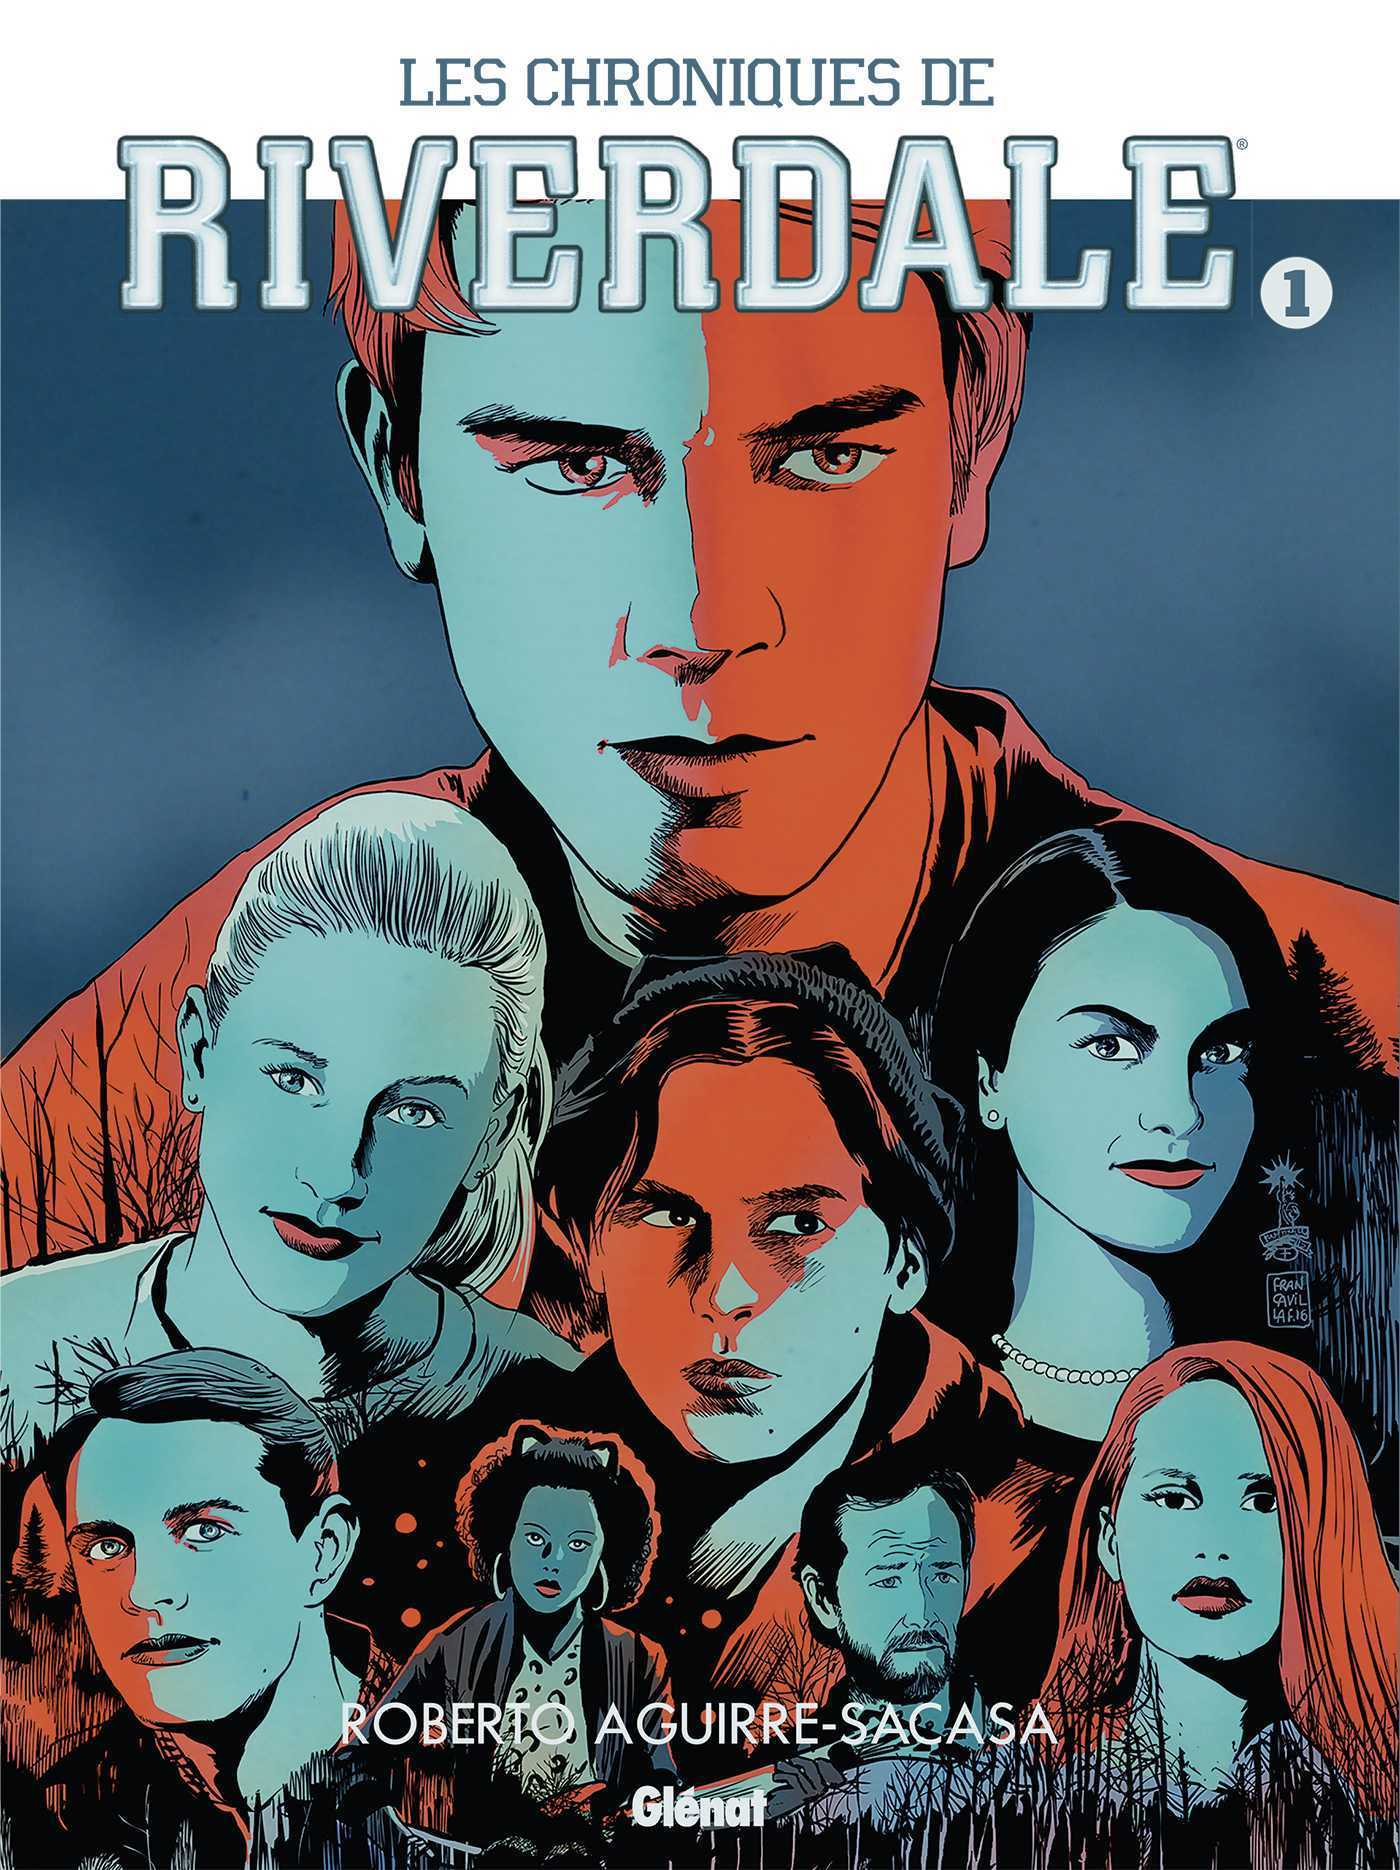 Les Chroniques de Riverdale, une petite ville pas si tranquille